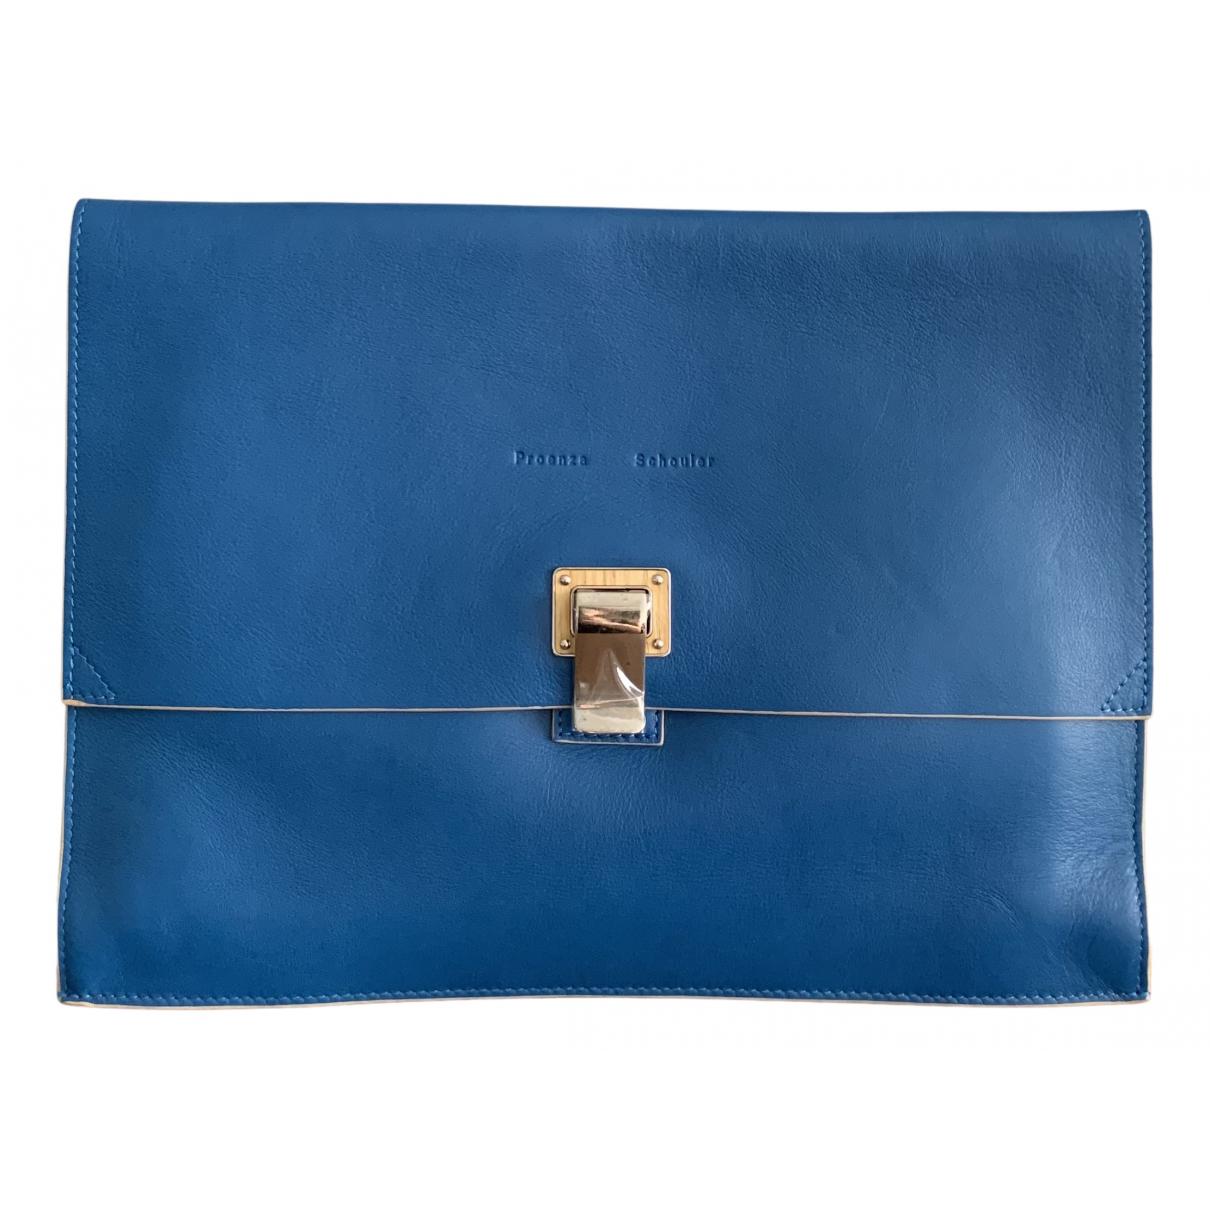 Proenza Schouler - Pochette Lunch pour femme en cuir - bleu